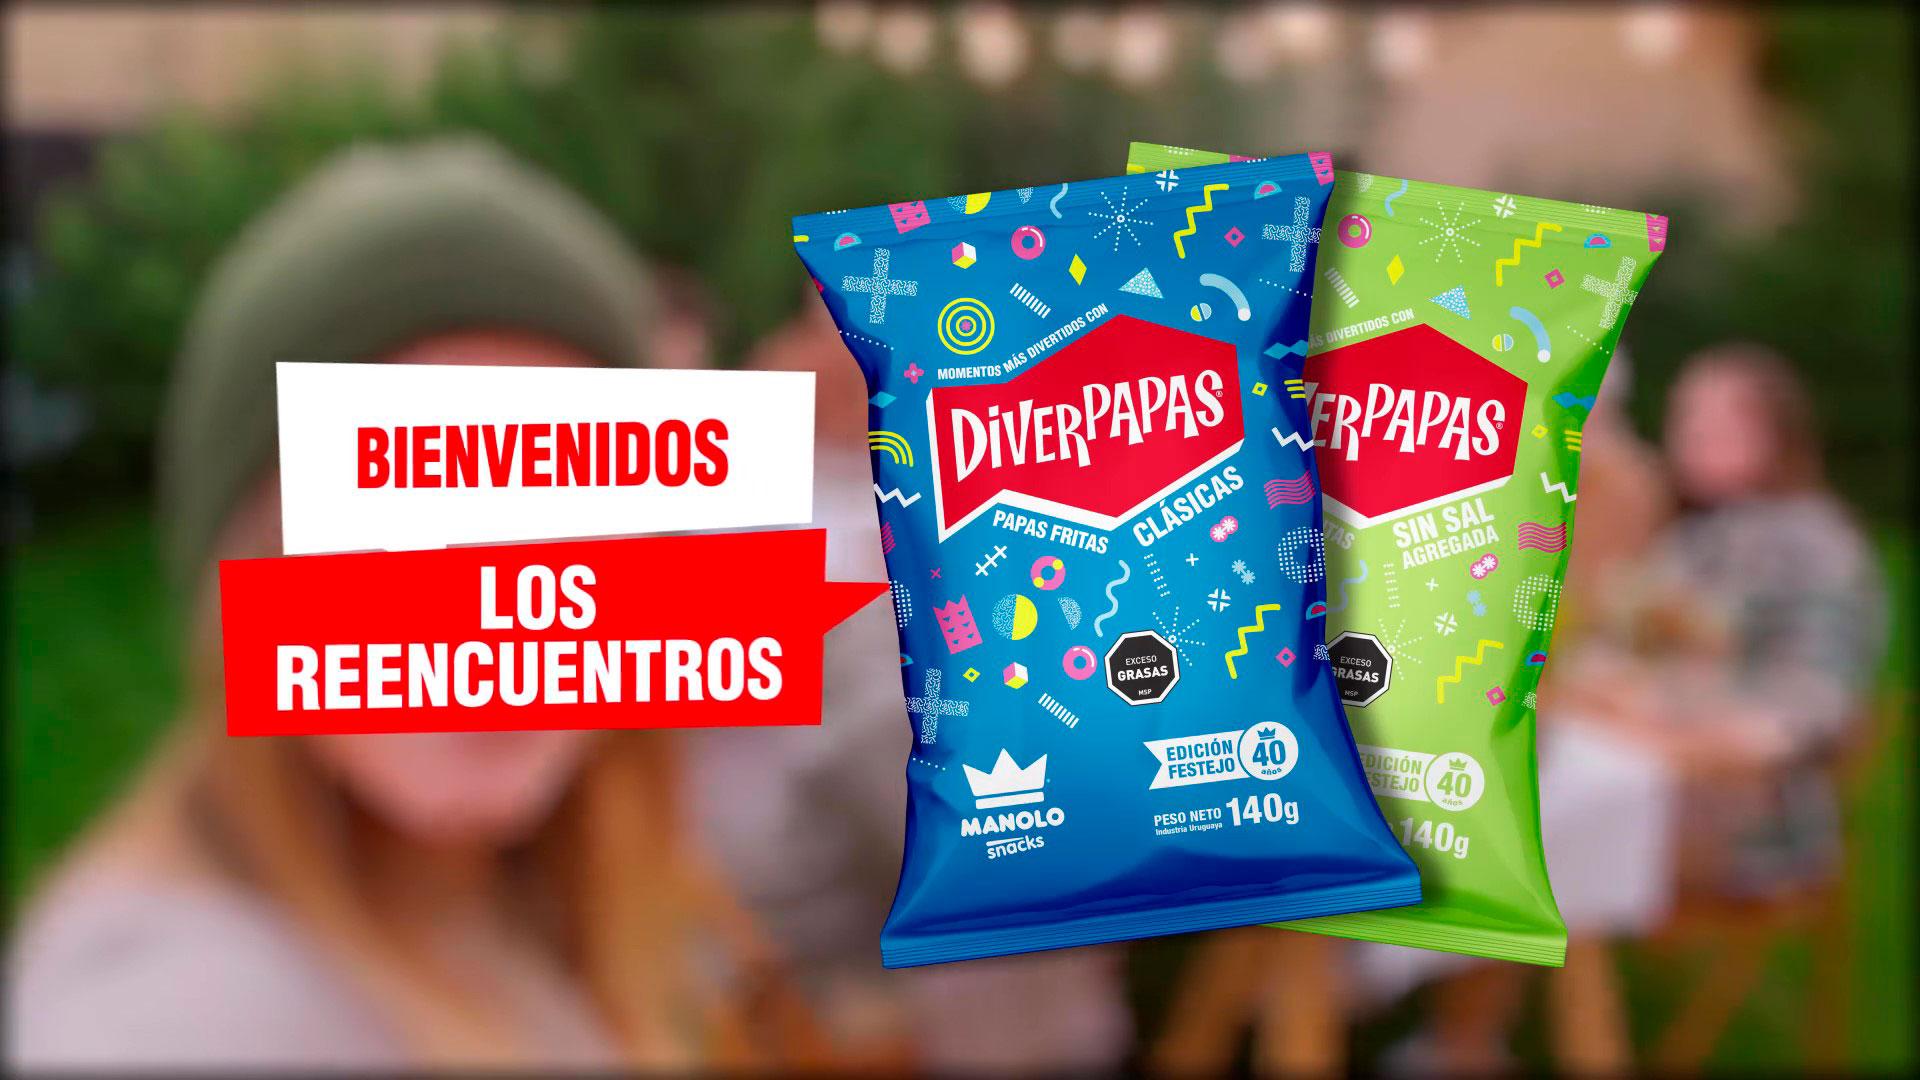 Nueva campaña de Diverpapas